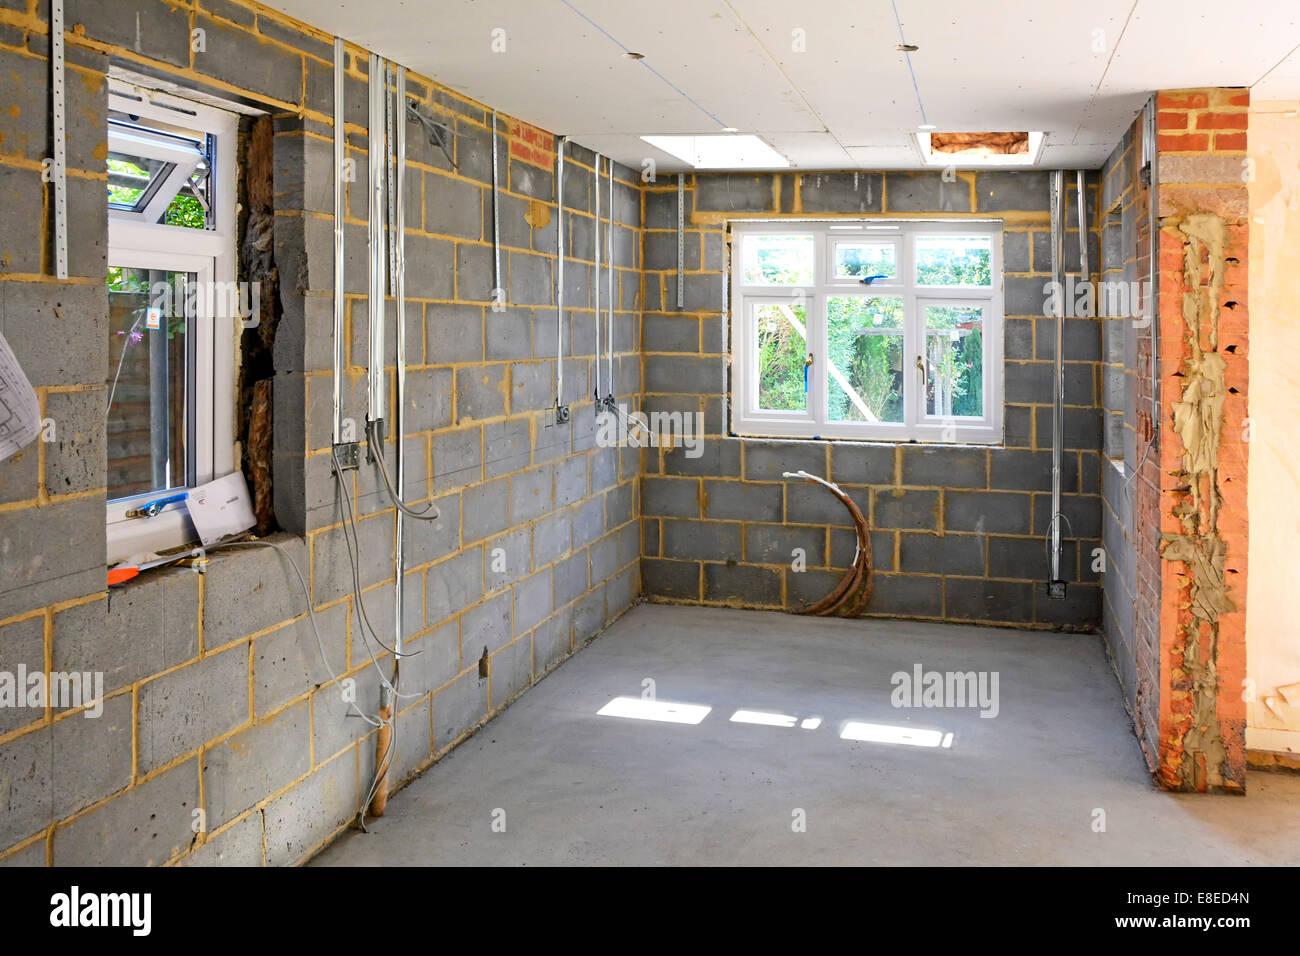 Extrem Haus Erweiterung Einfamilienhaus neue Küche neben bestehenden XU05